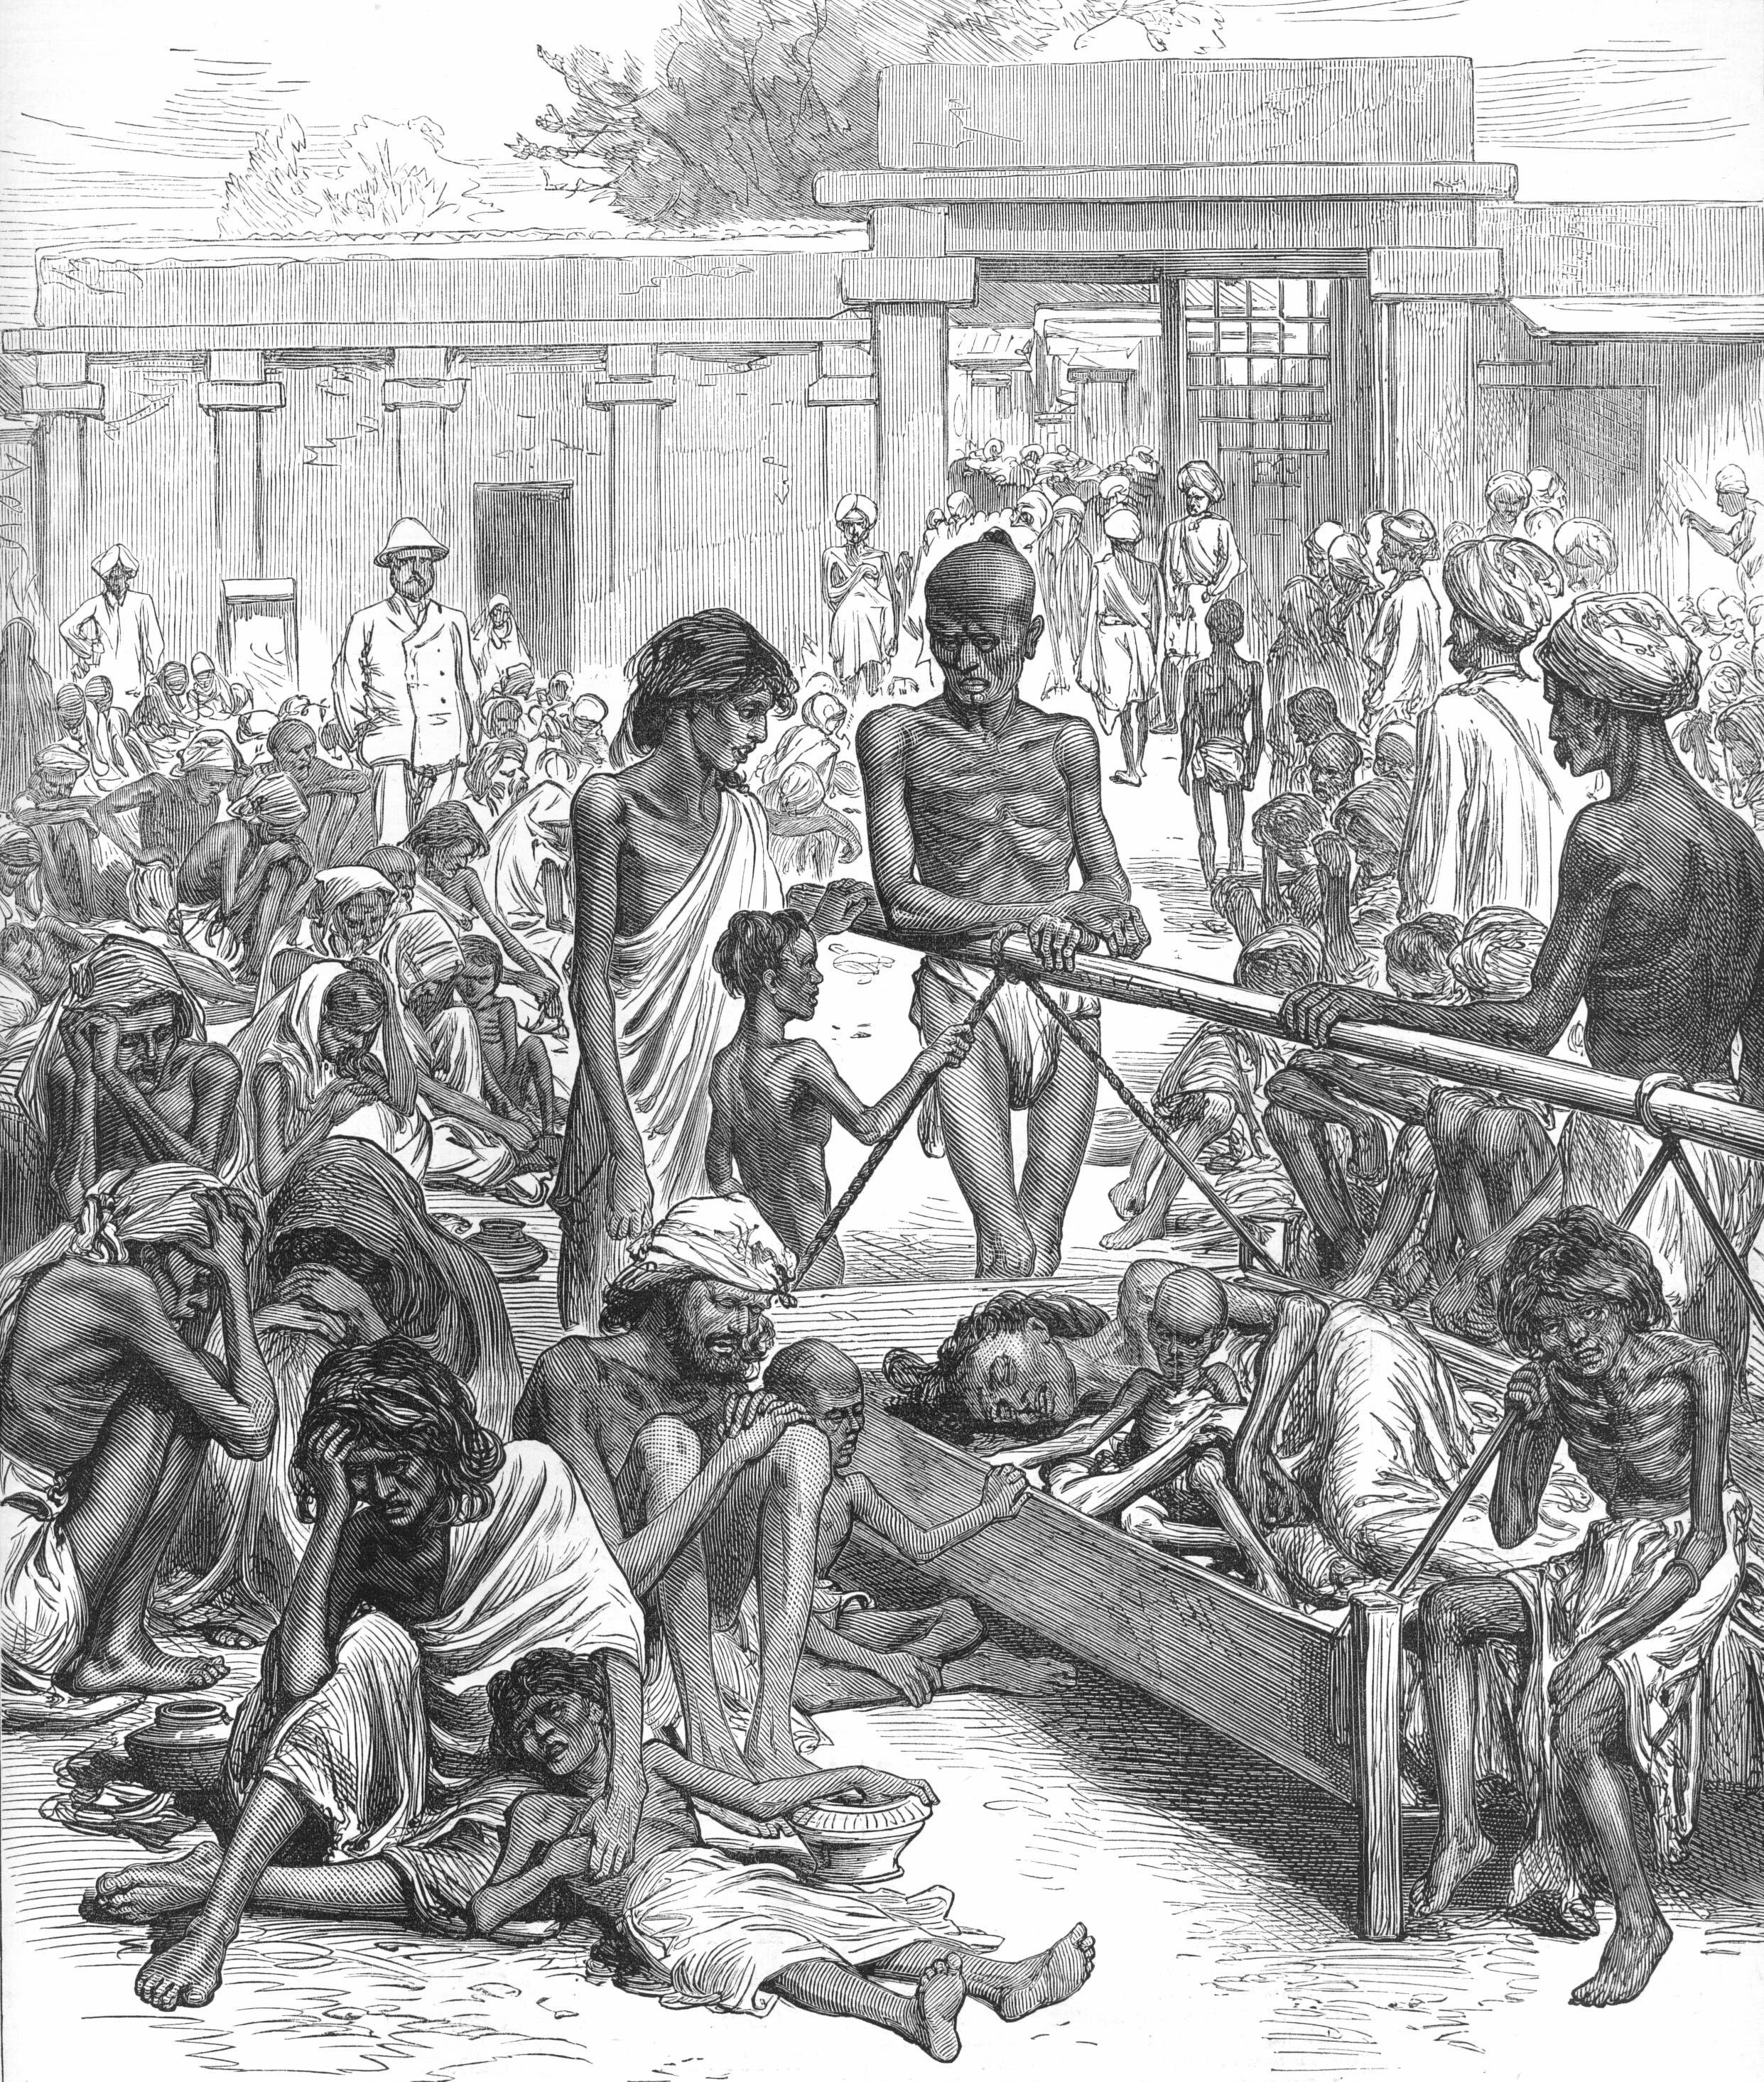 رسم تخيلي لجانب من الهنود عام 1877 في انتظار المساعدات الغذائية